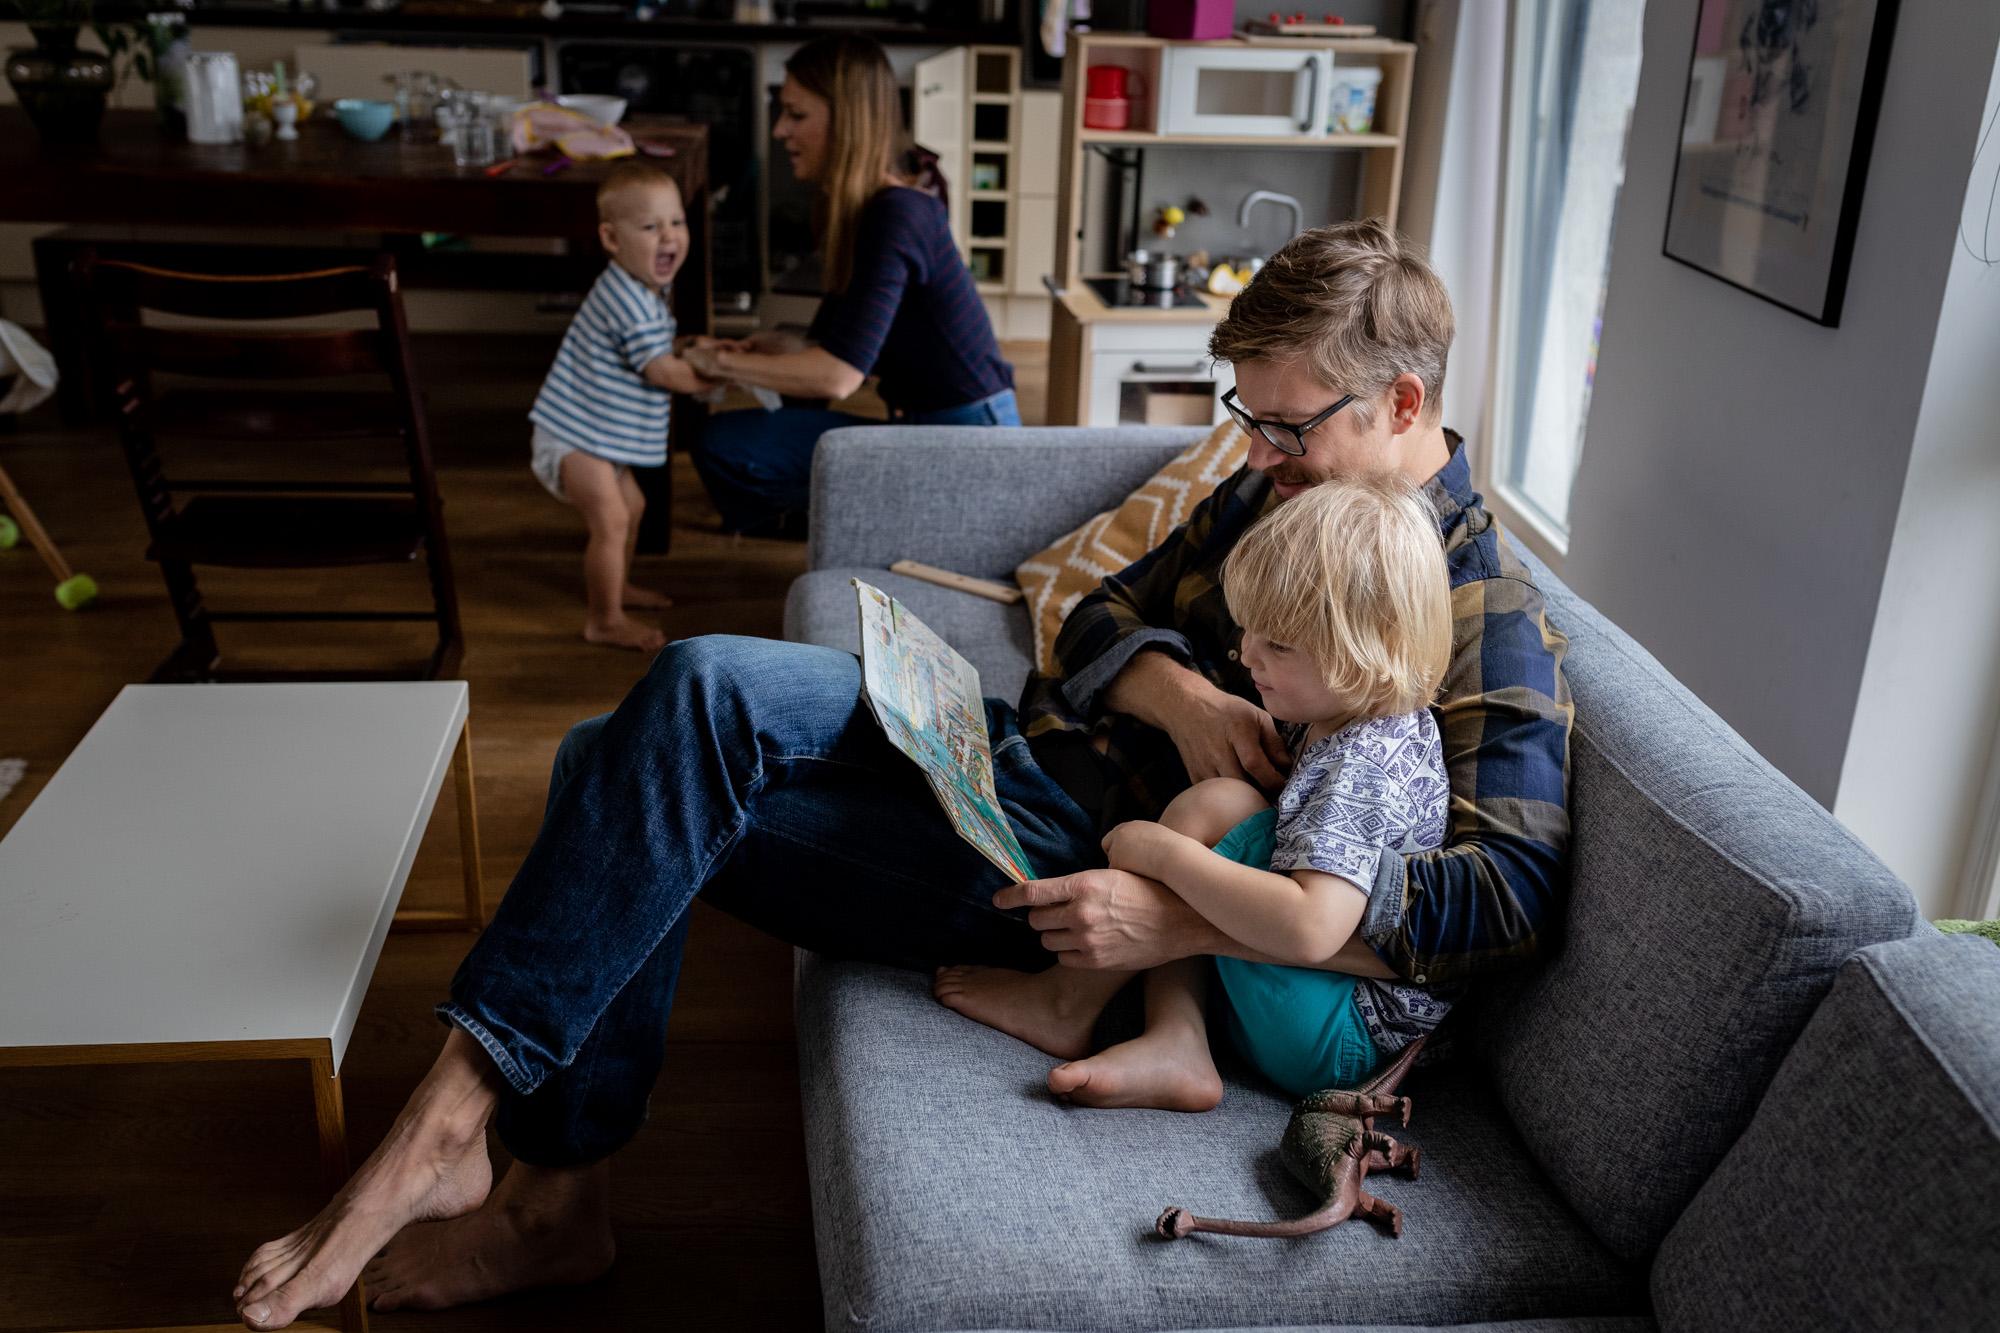 Familienshooting ganz entspannt in eurem Zuhause. Die ganze Familie zusammen.